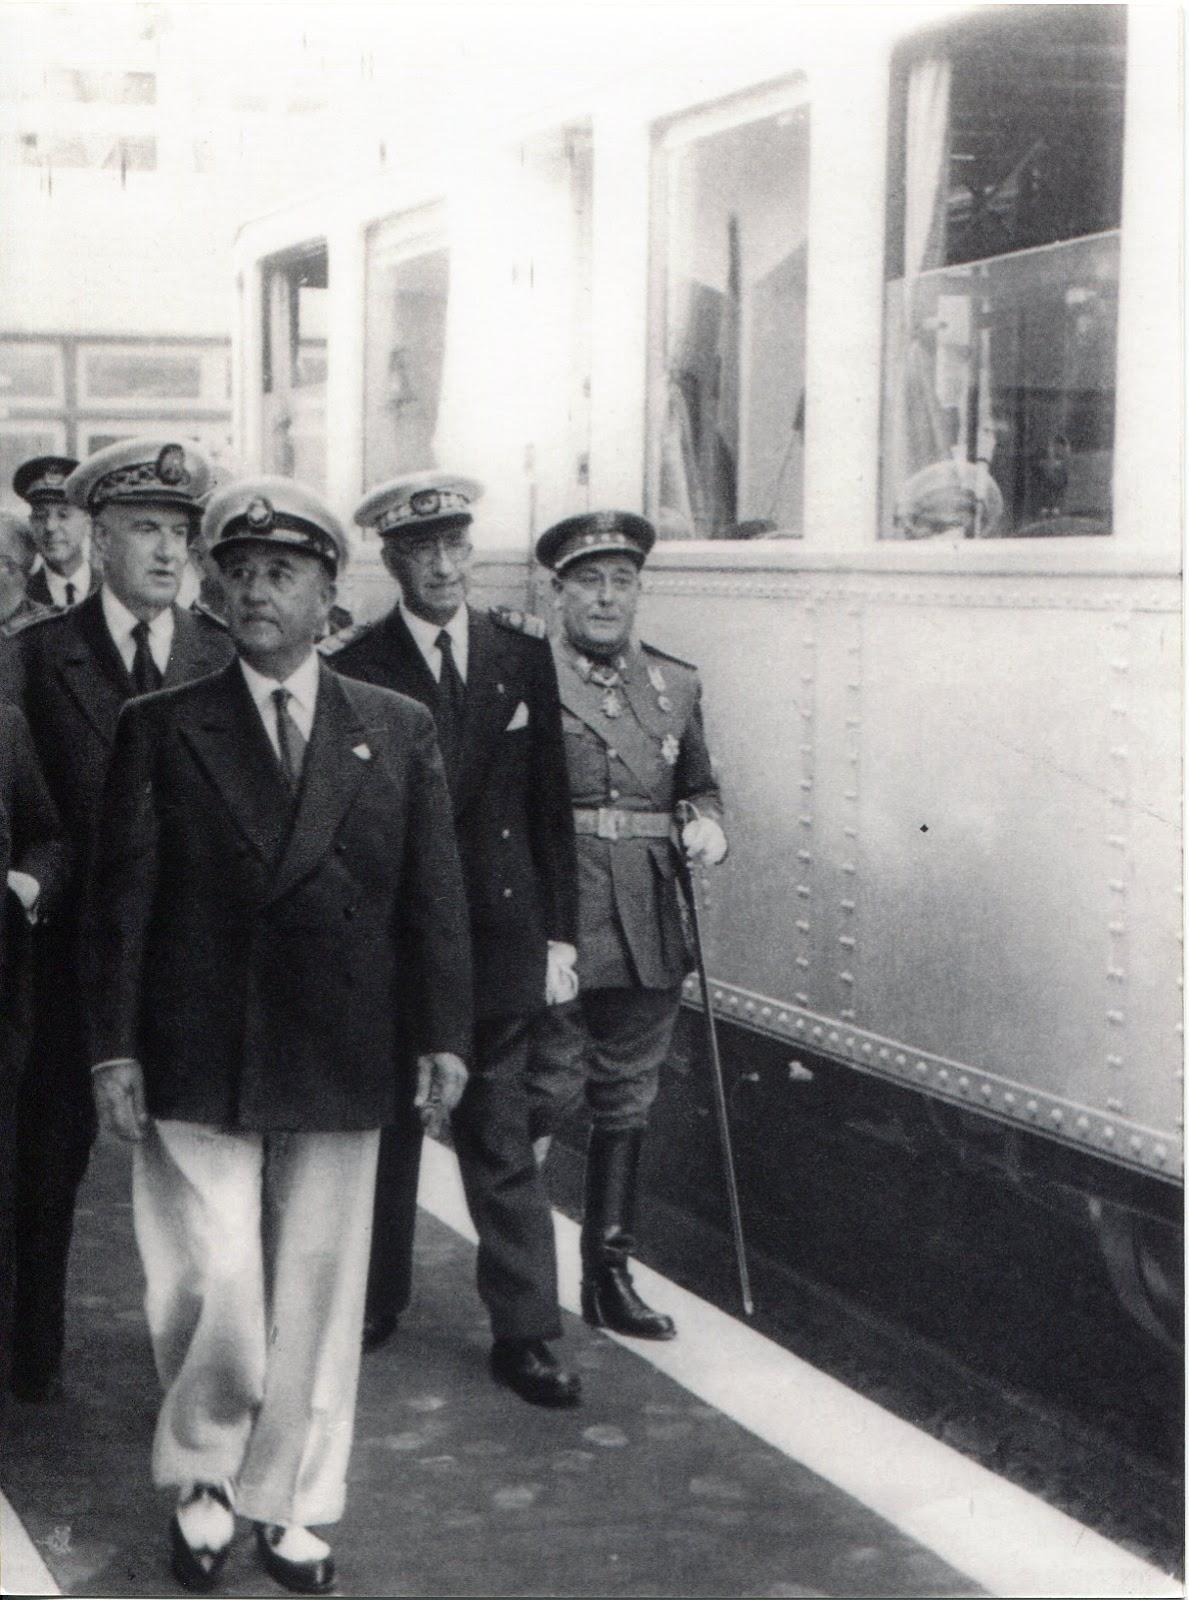 Inauguracion por Franco, el 16 de agosto de 1955 de la prolongacion hasta Bermeo